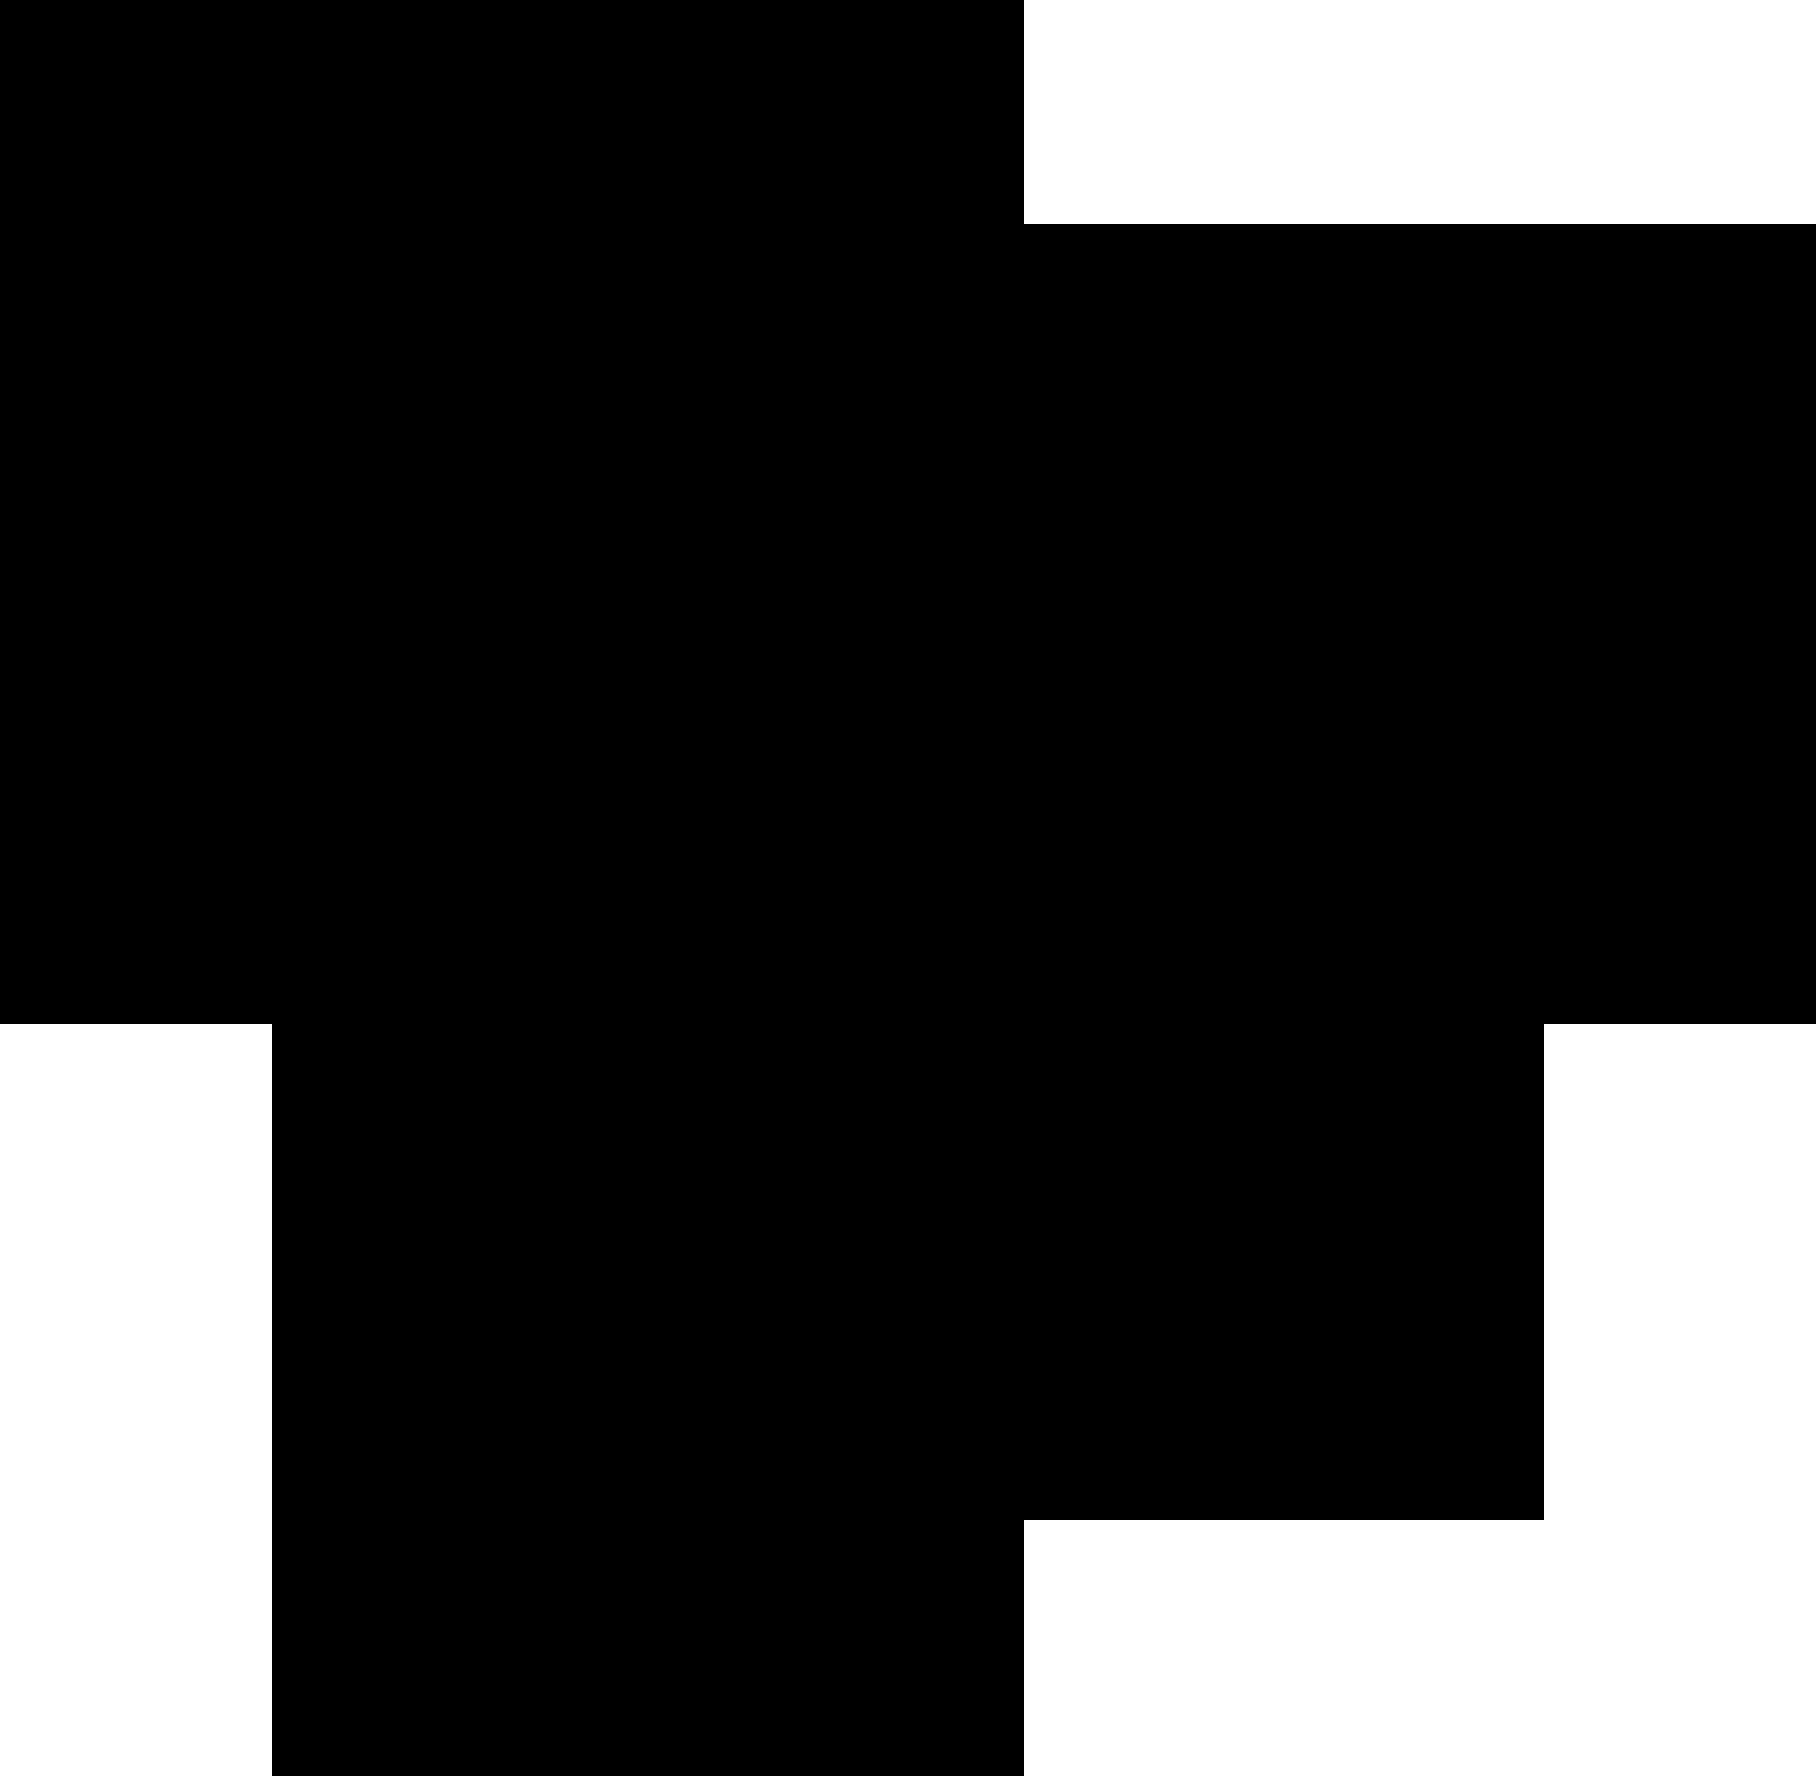 Красивый узор ромбовидной формы с прозрачным фоном